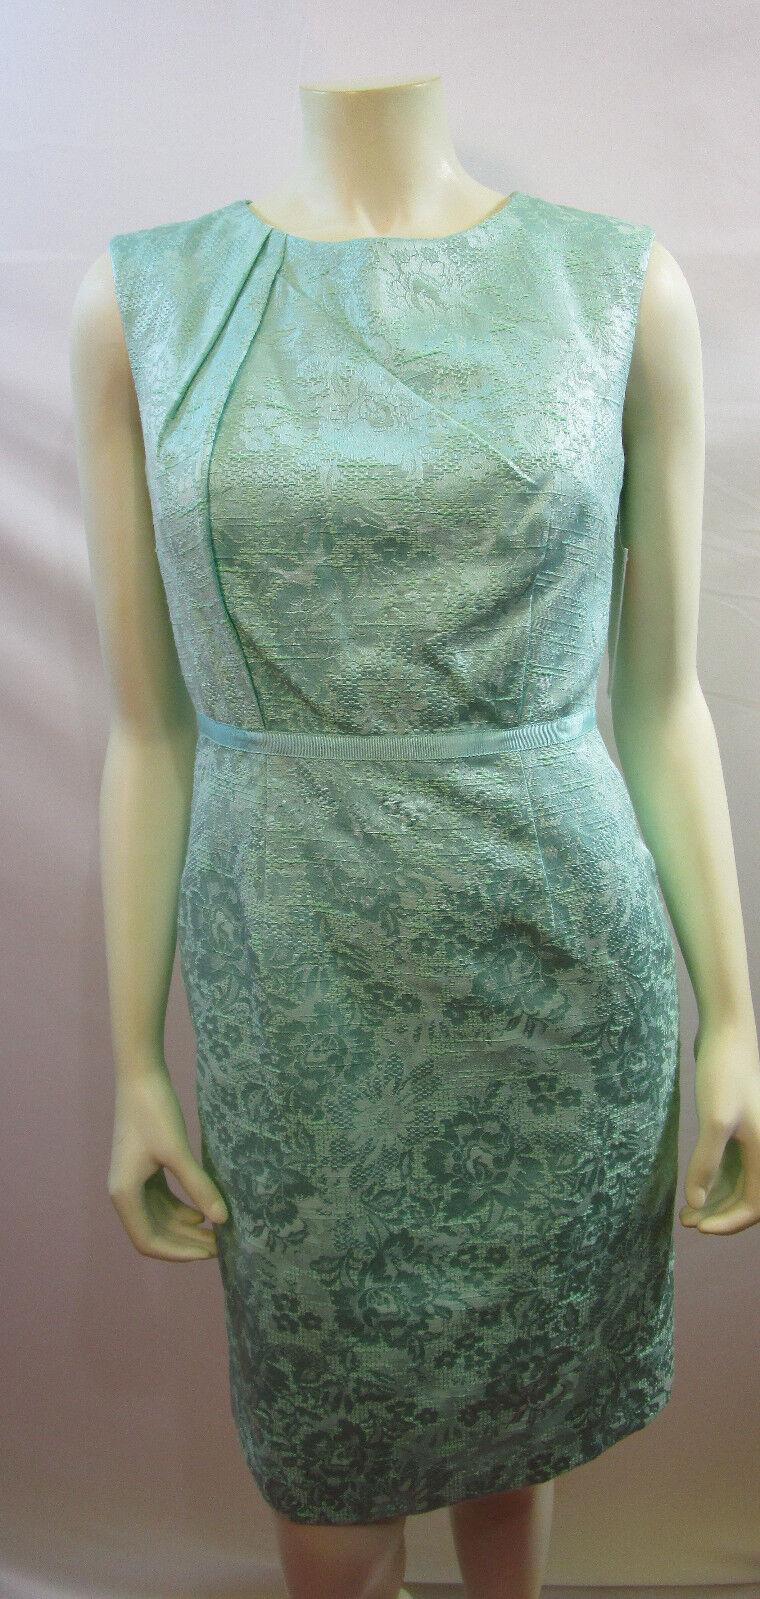 Katherine Kelly Ellen Blaumenmuster Kleid Größe 4 Neu mit Etikett